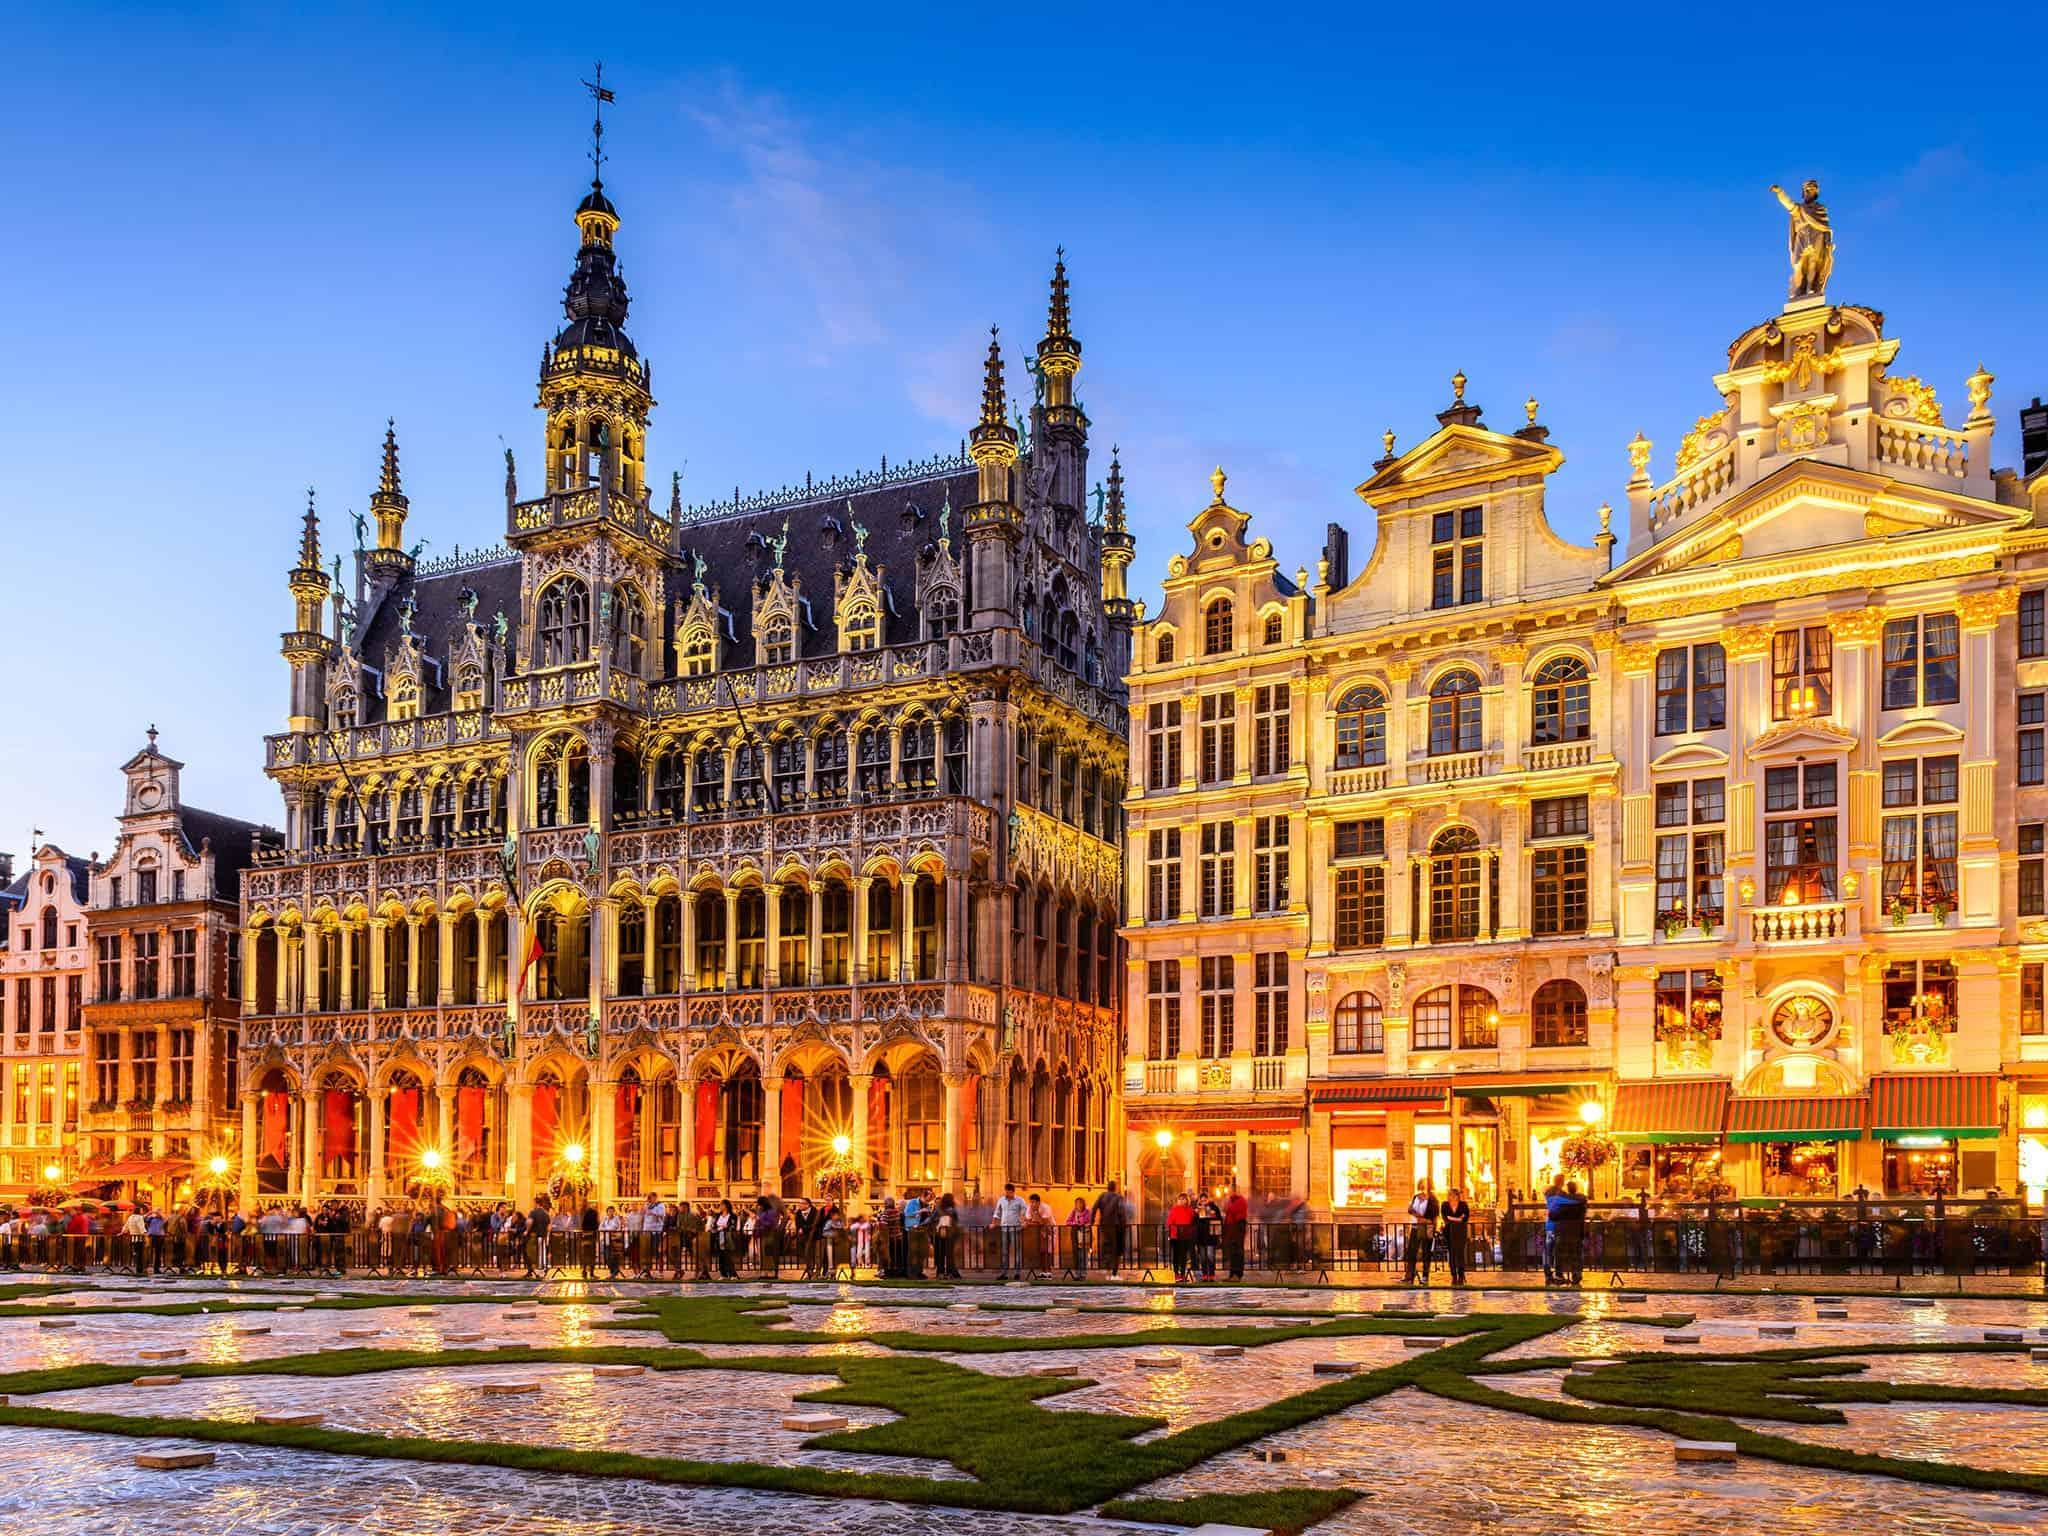 تقرير بلجيكا والدول المجاورة المسافرون العرب